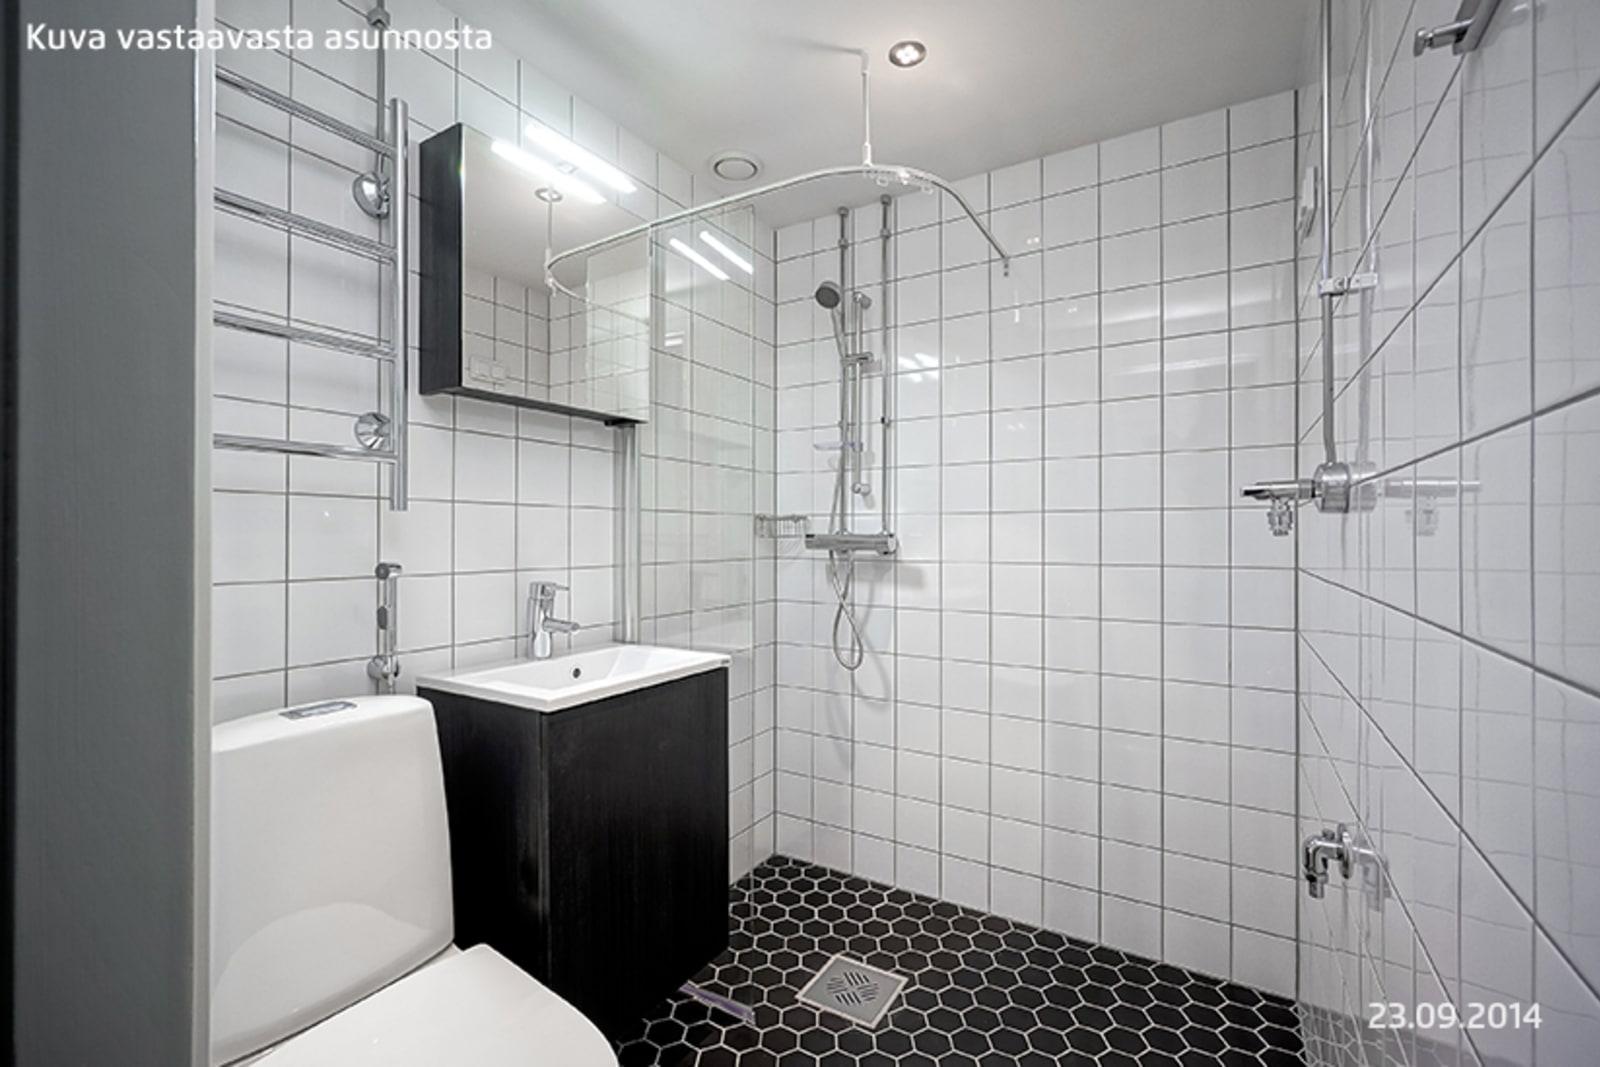 Helsinki, Etelä-Haaga, Kangaspellontie 3 B 021